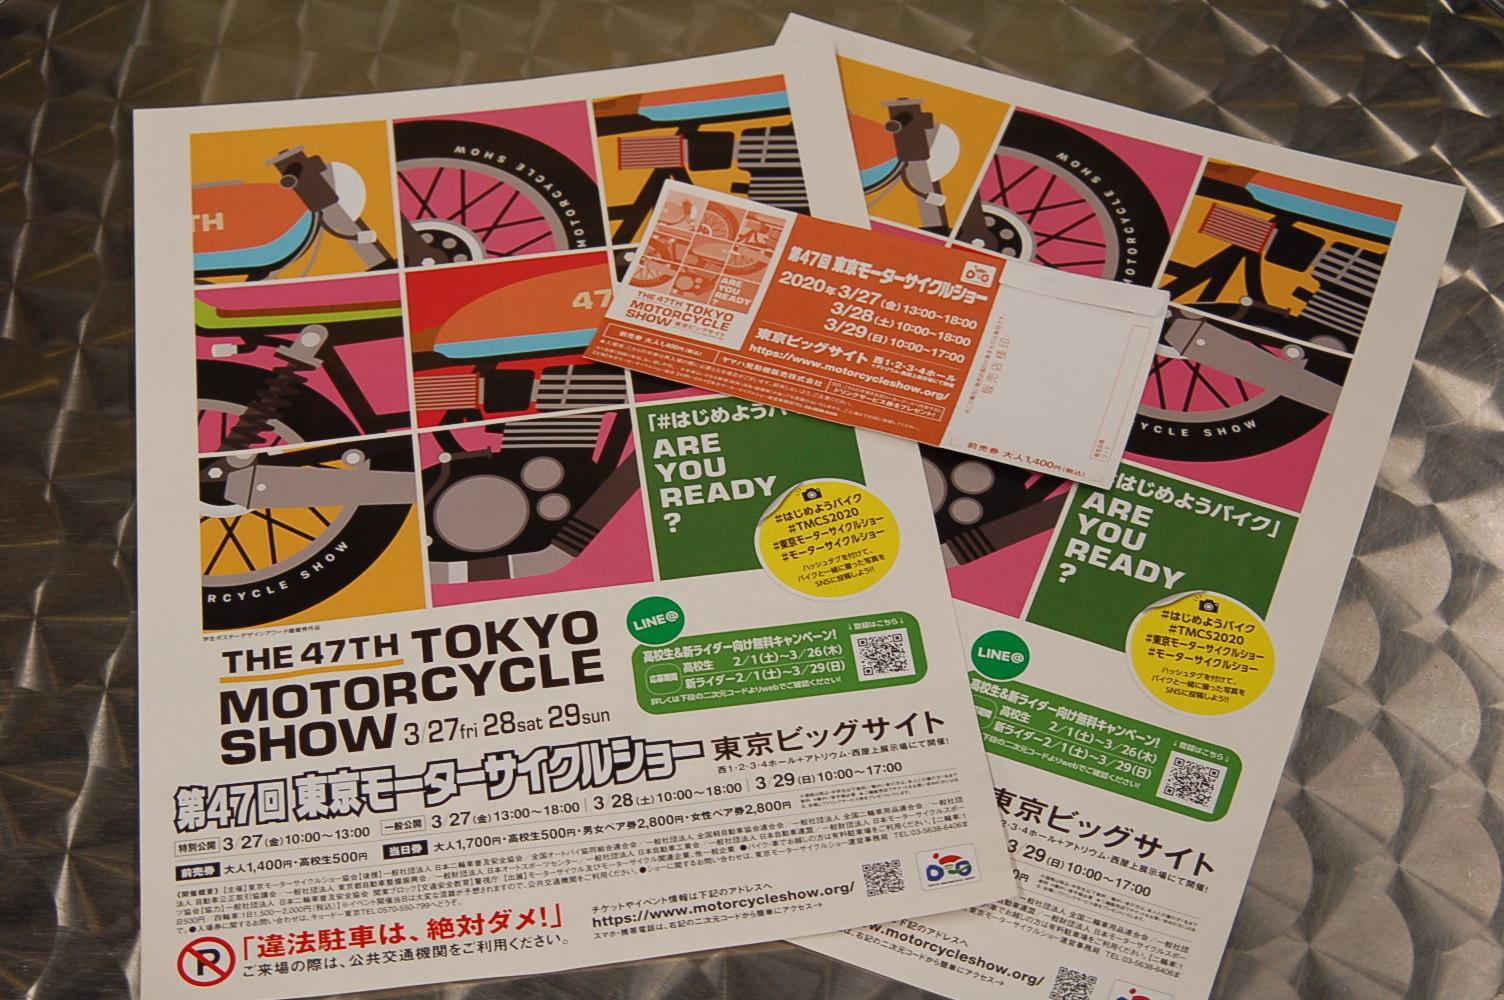 東京モーターサイクルショー 開催中止お知らせ_d0099181_15391800.jpg